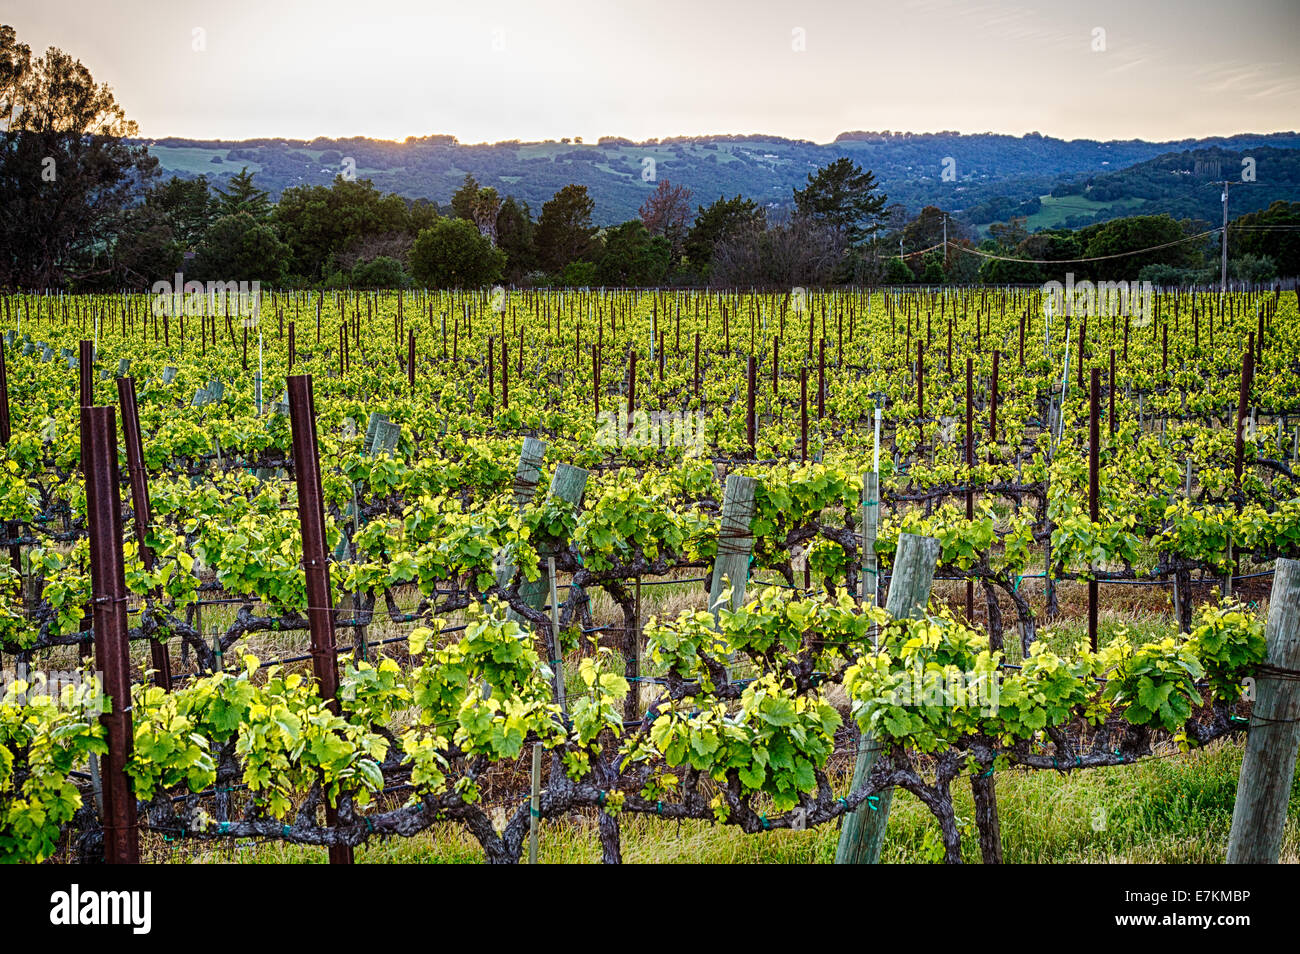 Tramonto sui vigneti della California Wine Country. Sonoma County, California Foto Stock